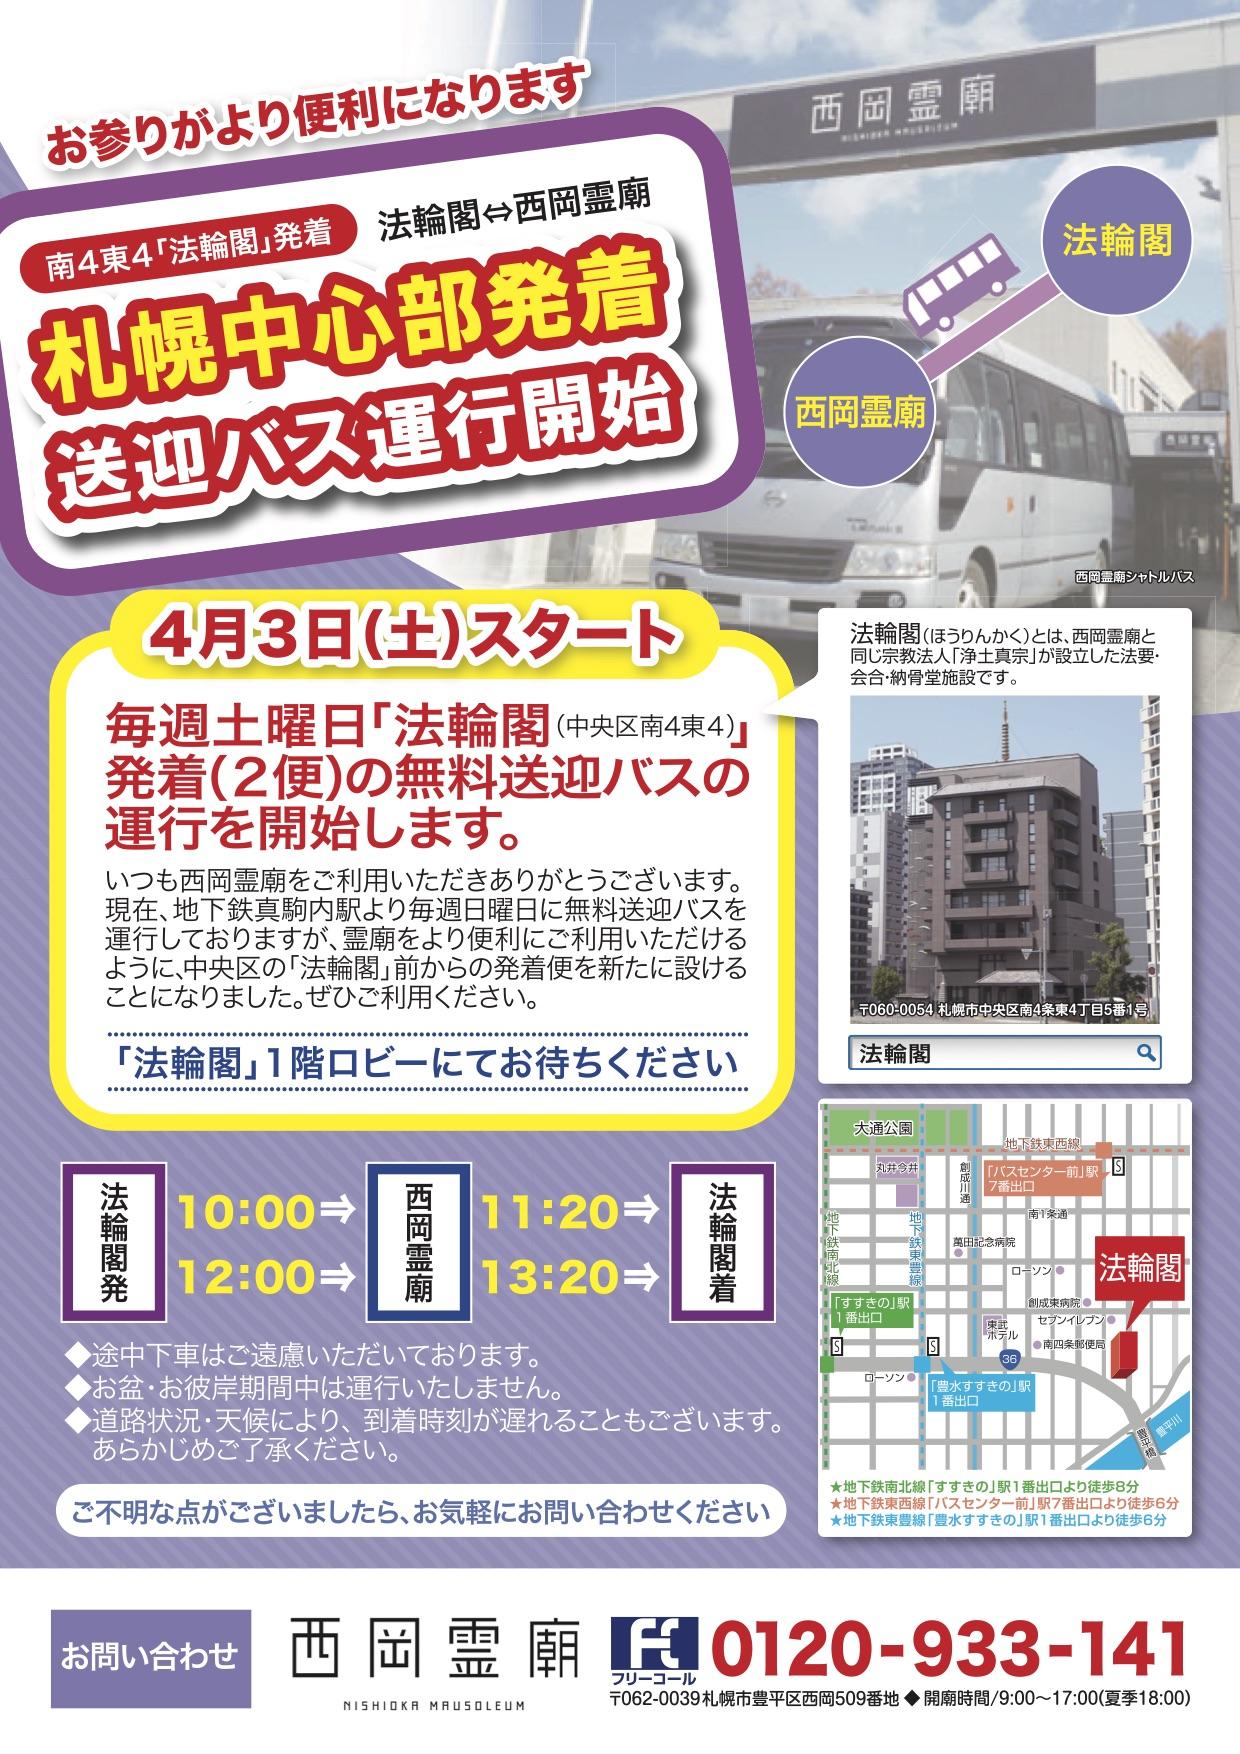 バス新ルート運行案内(法輪閣)out